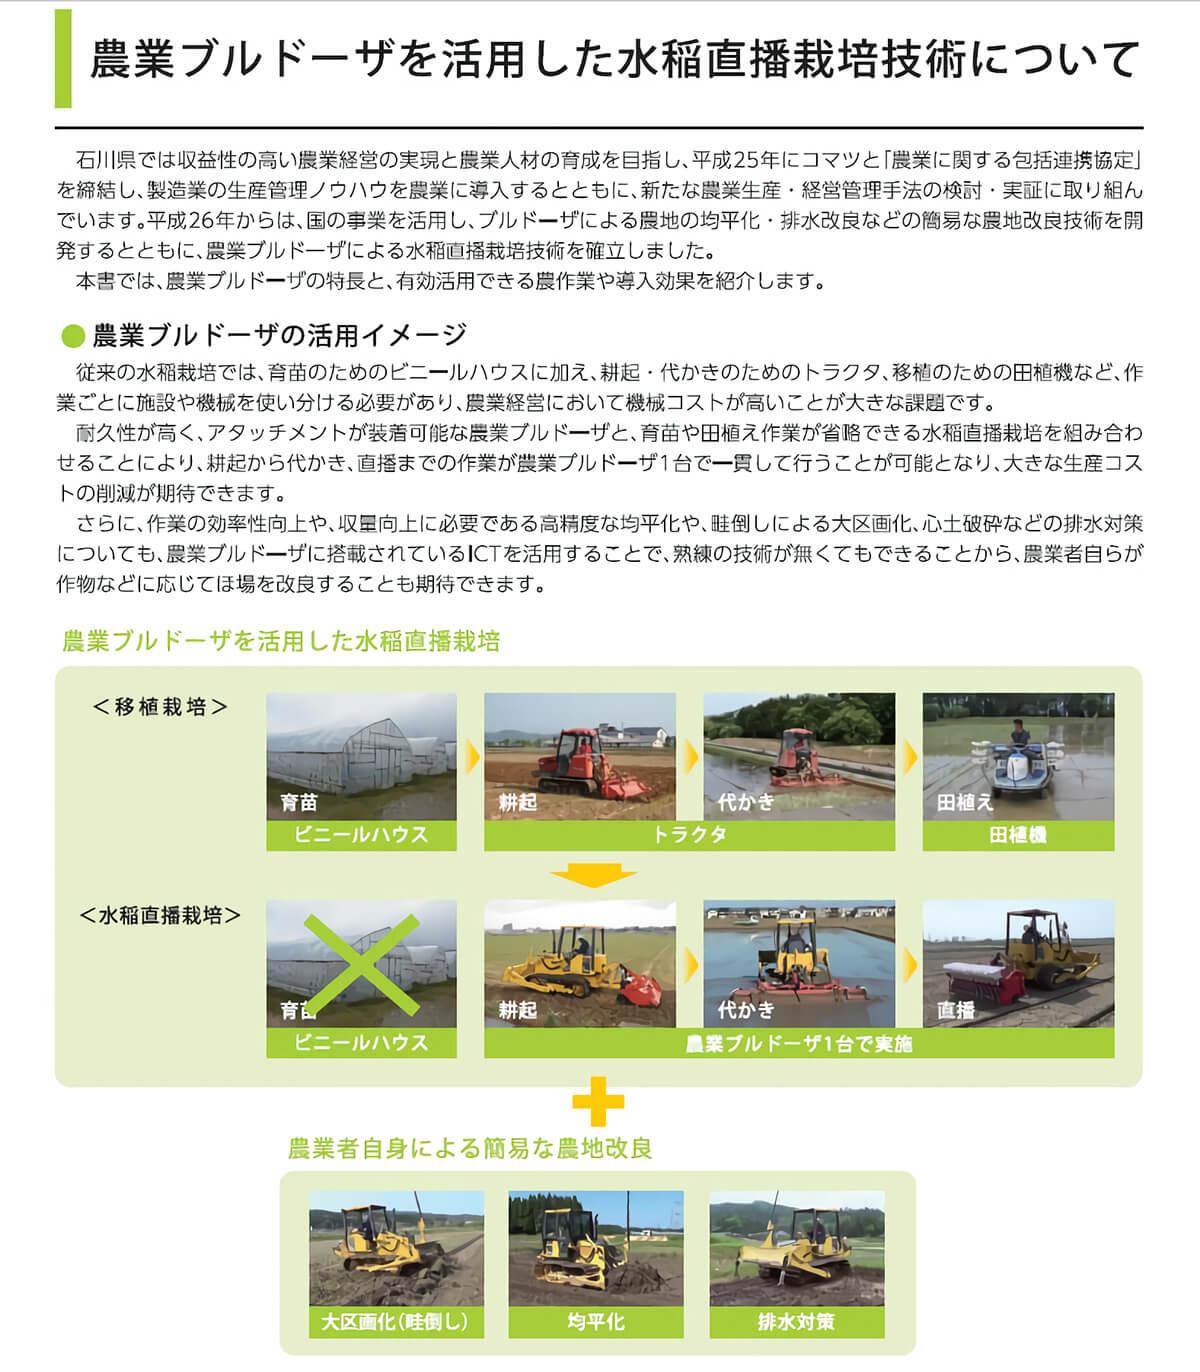 農業ブルドーザを活用した水稲直播栽培技術について 石川県では収益性の高い農業経営の実現と農業人材の育成を目指し、平成25年にコマツと「農業に関する包括連携協定」 を締結し、製造業の生産管理ノウハウを農業に導入するとともに、新たな農業生産・経営管理手法の検討・実証に取り組んでいます。平成26年からは、国の事業を活用し、ブルドーザによる農地の均平化・排水改良などの簡易な農地改良技術を開発するとともに農業ブルドーザによる水稲直播栽培技術を確立しました。 ●農業ブルドーザの活用イメージ 従来の水稲栽培では、育苗のためのビニールハウスに加え、耕起・代かきのためのトラクタ、移植のための田植機など、作業ごとに施設や機械を使い分ける必要があリ、農業経営において機械コストが高いことが大きな課題です。耐久性が高く、アタッチメントが装着可能な農業ブルドーザと、育苗や田植え作業が省略できる水稲直播栽培を組み合わせることにより、耕起から代かき直播までの作業が農業ブルドーザ1台で一貫して行うことが可能となり、大きな生産コストの削減が期待できます。さらに、作業の効率性向上や、収量向上に必要である高精度な均平化や、畦倒しによる大区画化、心土破砕などの排水対策についても、農業ブルドーザに搭載されているICTを活用することで、熟練の技術が無くてもできることから、農業者自らが作物などに応じてほ場を改良することも期待できます。